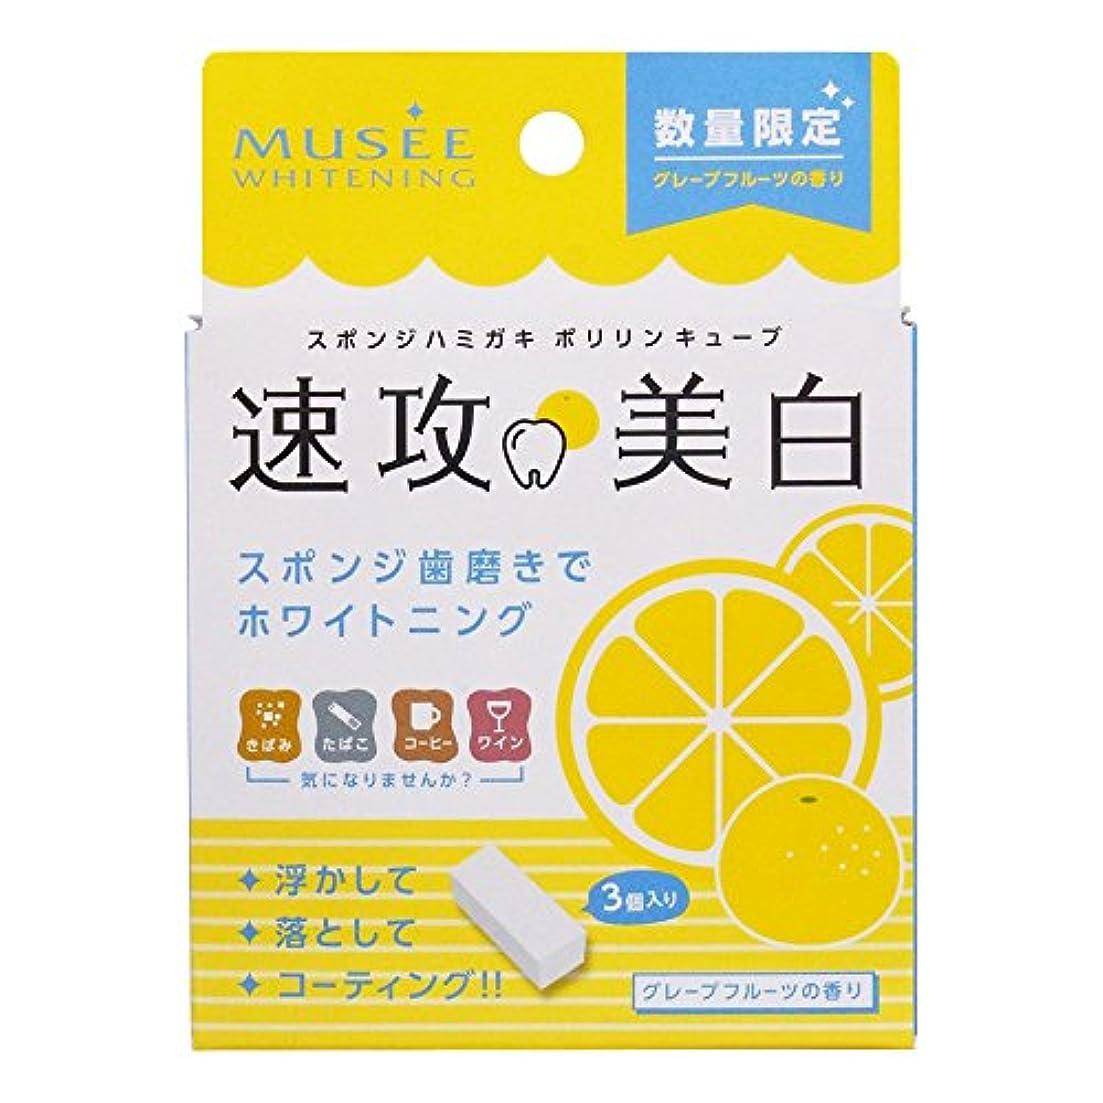 後悔帽子ダンプミュゼホワイトニング ポリリンキューブ グレープフルーツの香り (1回分×3包)